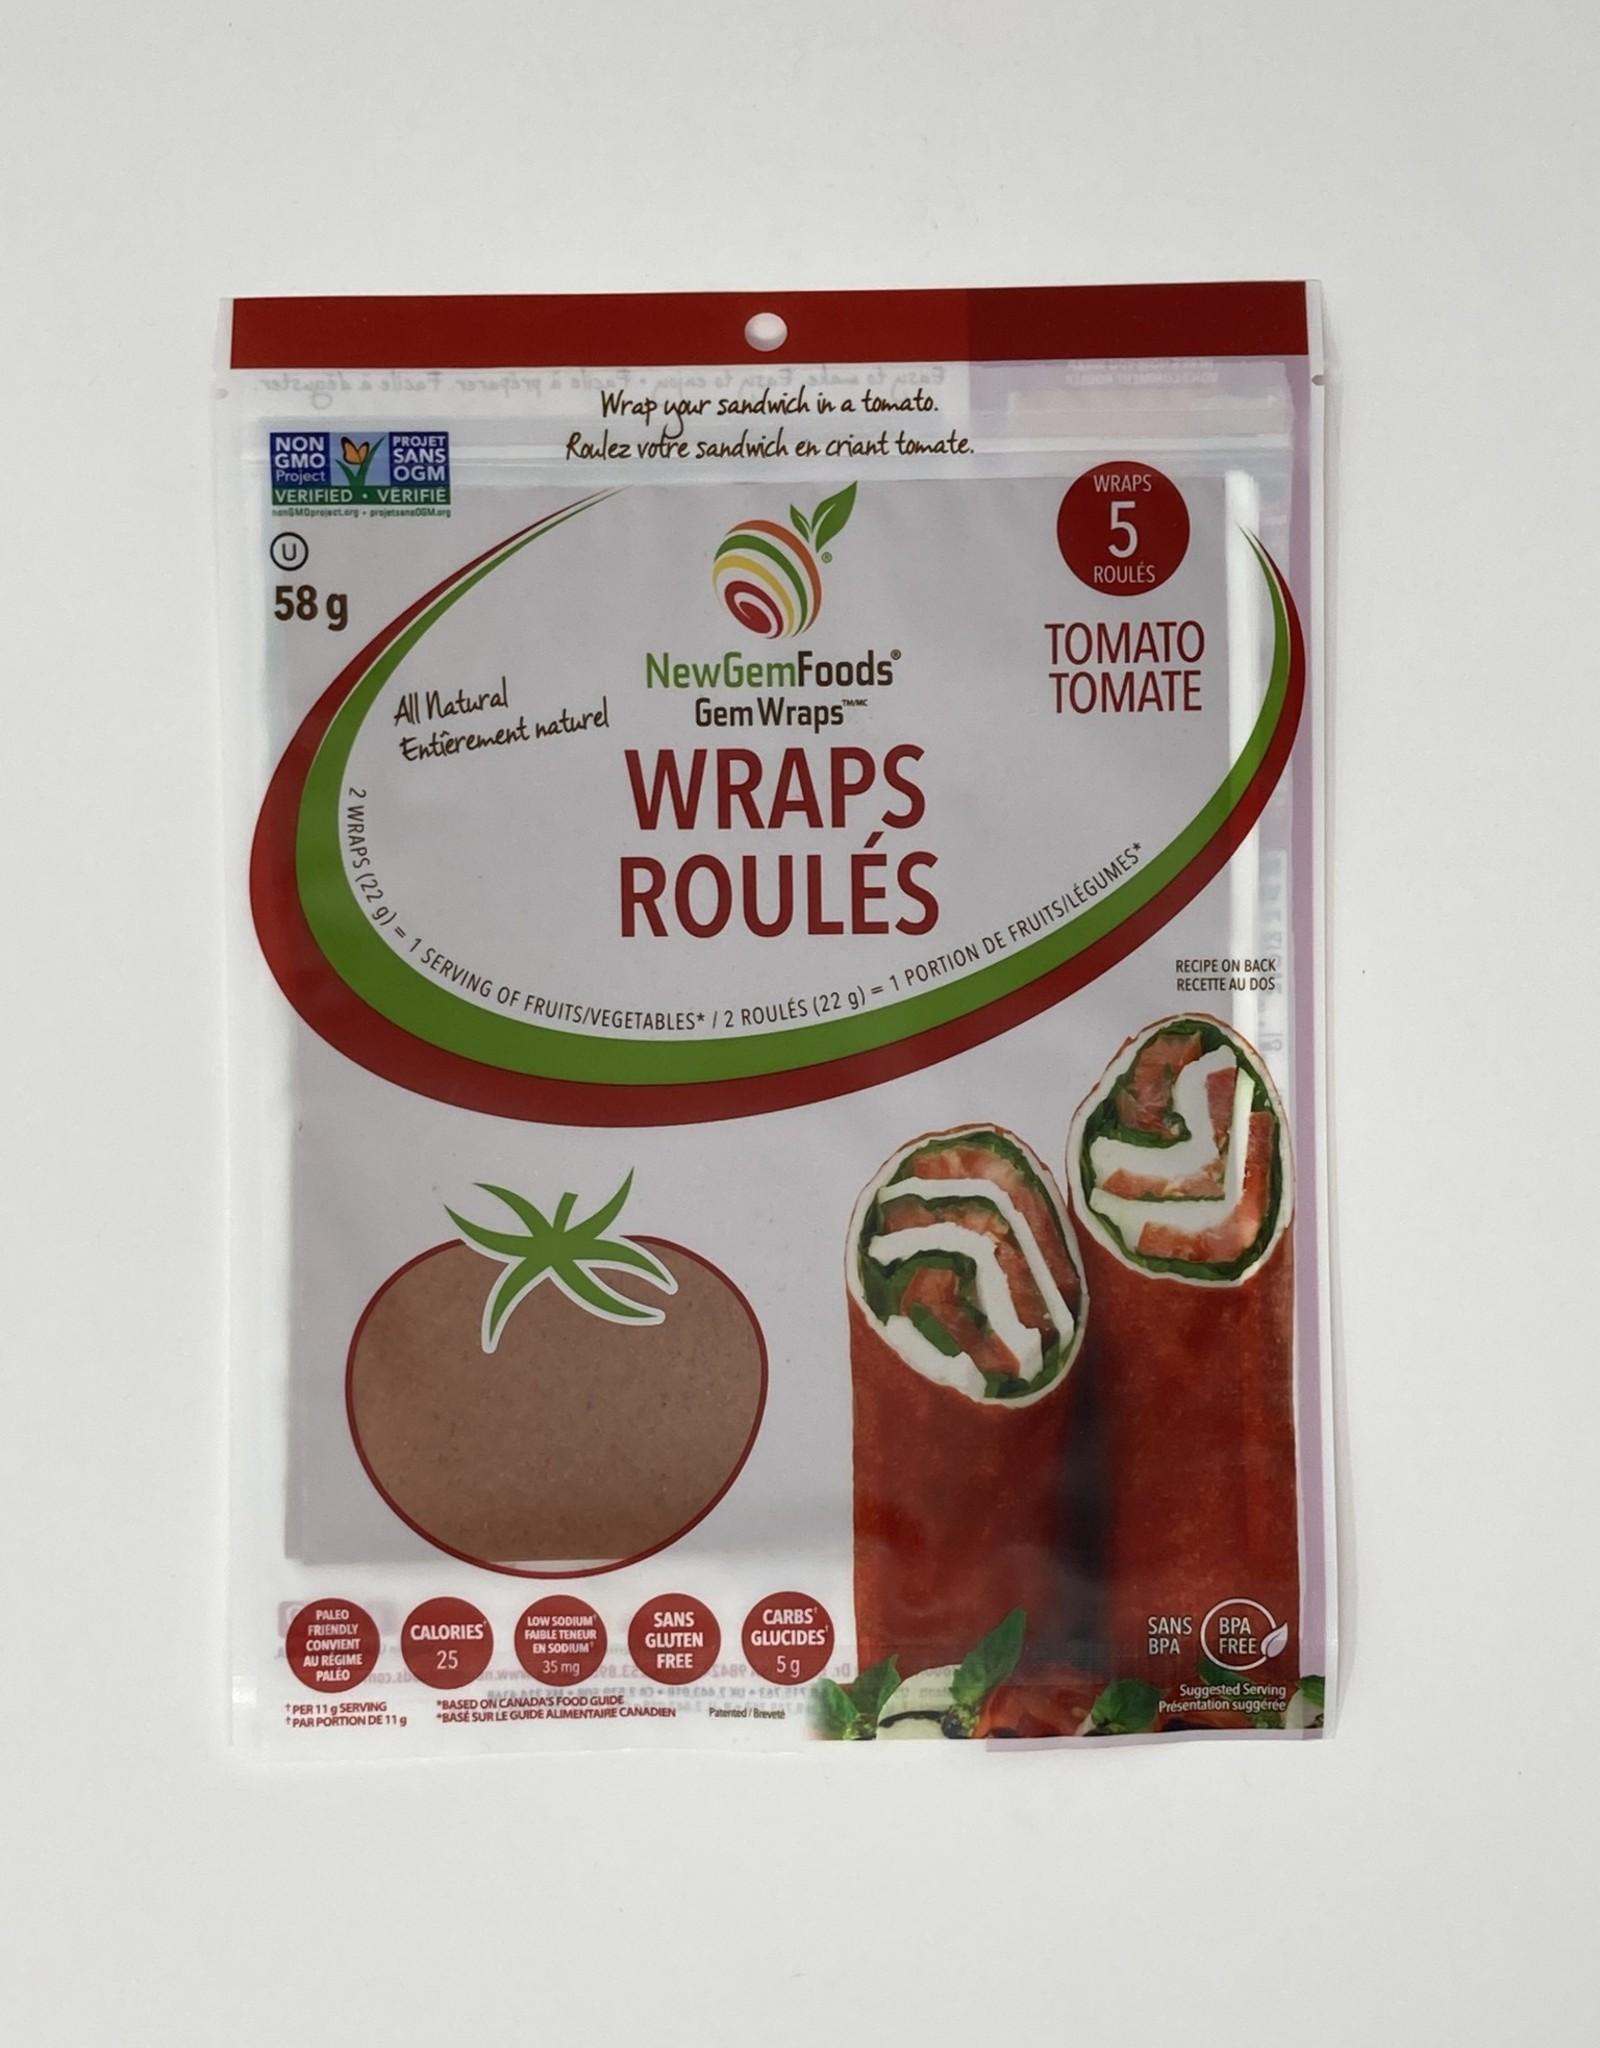 New Gem Foods New Gem Foods - Gem Wraps, Tomato